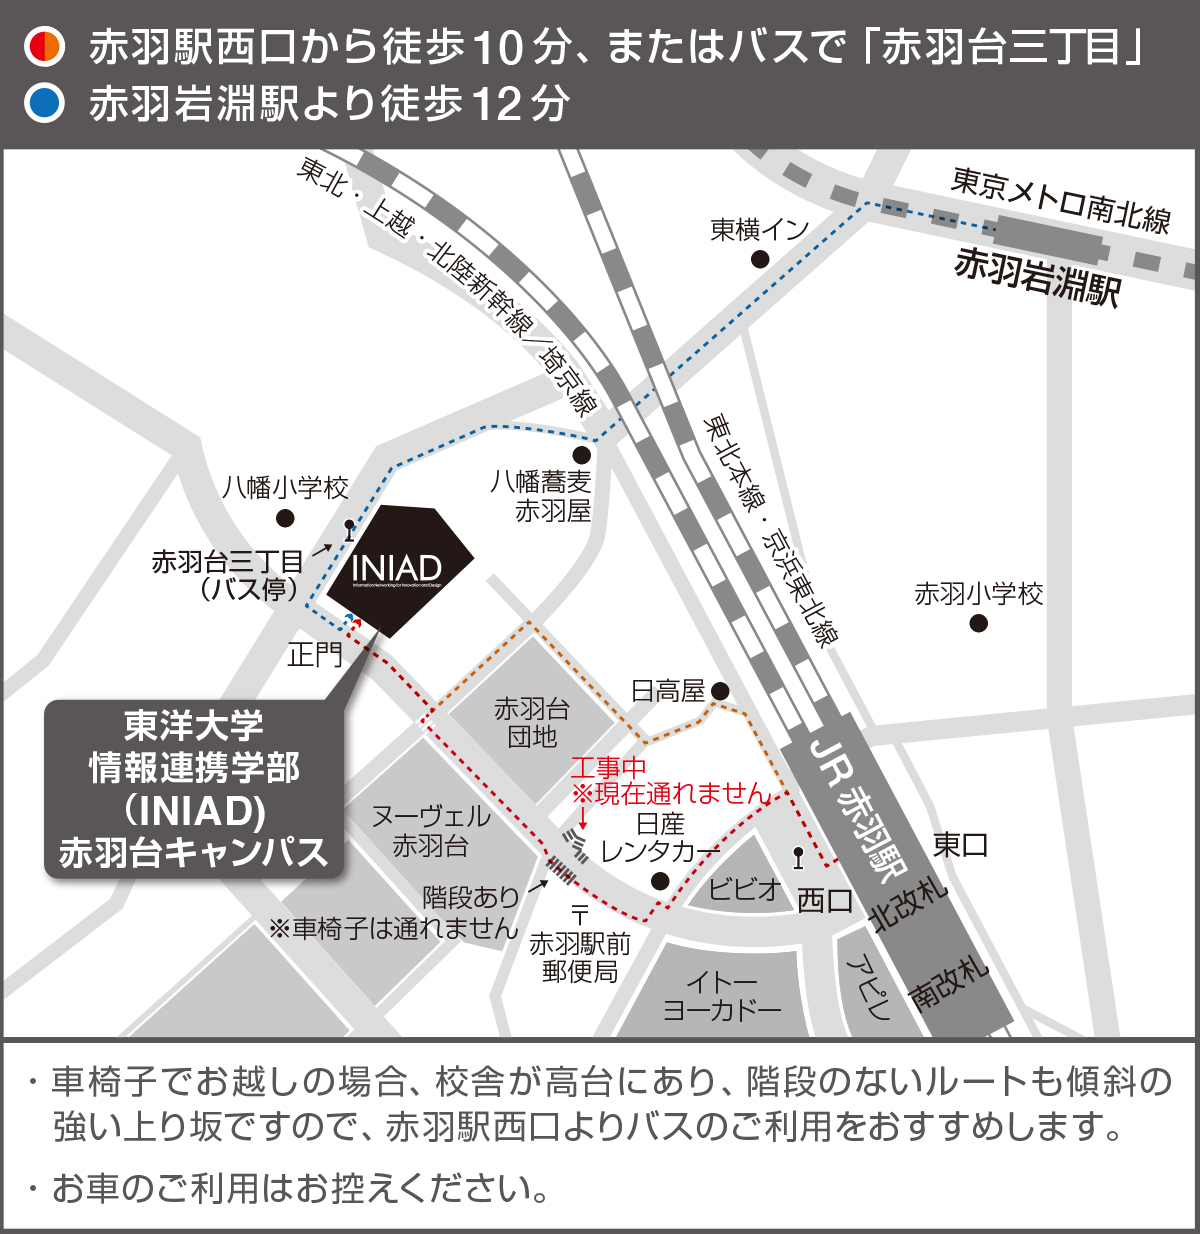 東洋大学赤羽台キャンパスへの行き方が描かれた地図